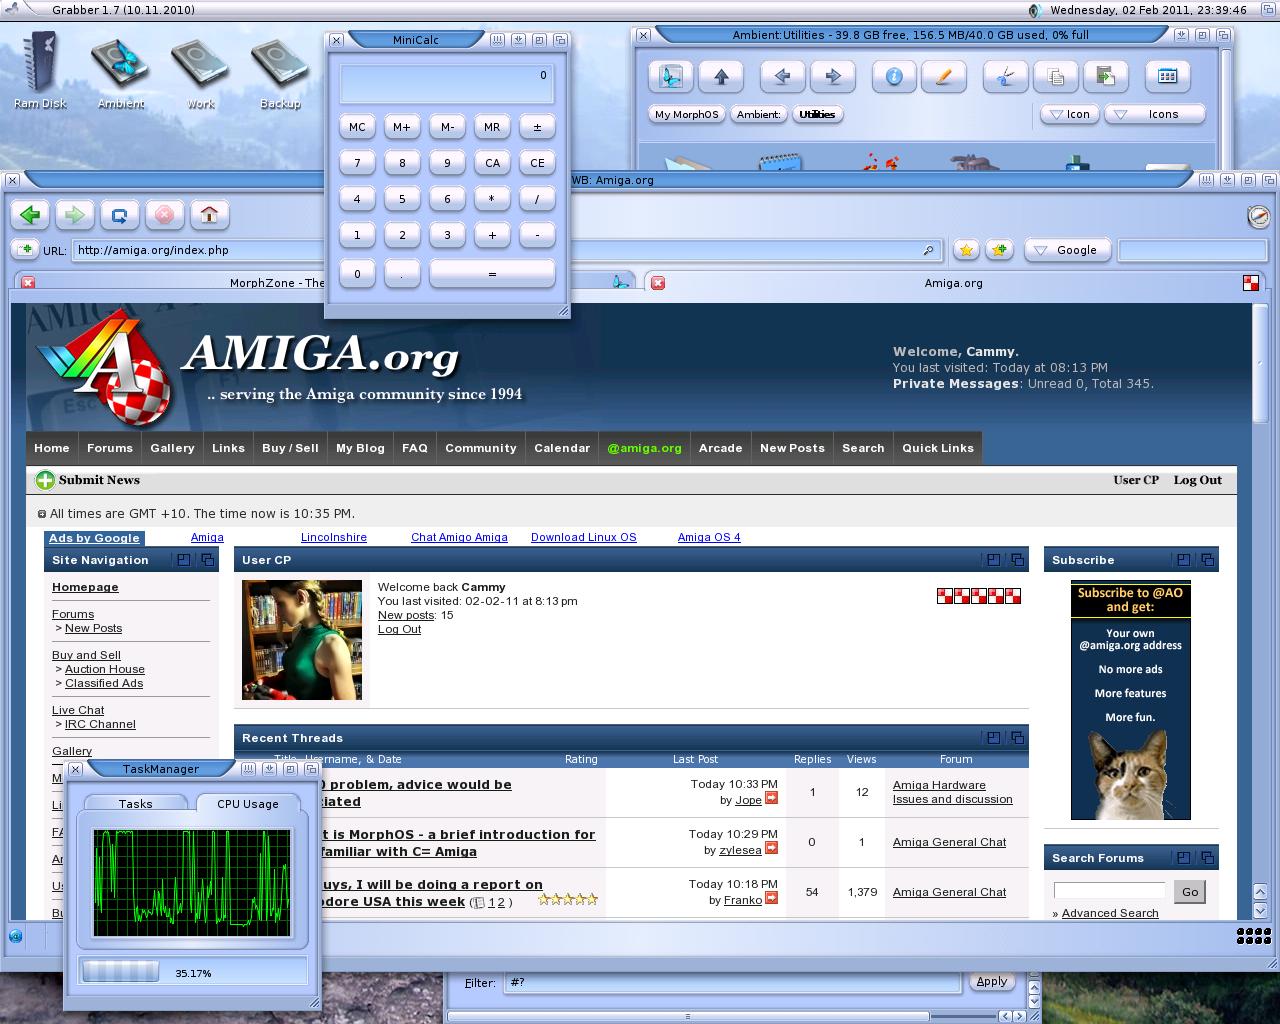 Amiga.org through Origyn Web Browser on MorphOS